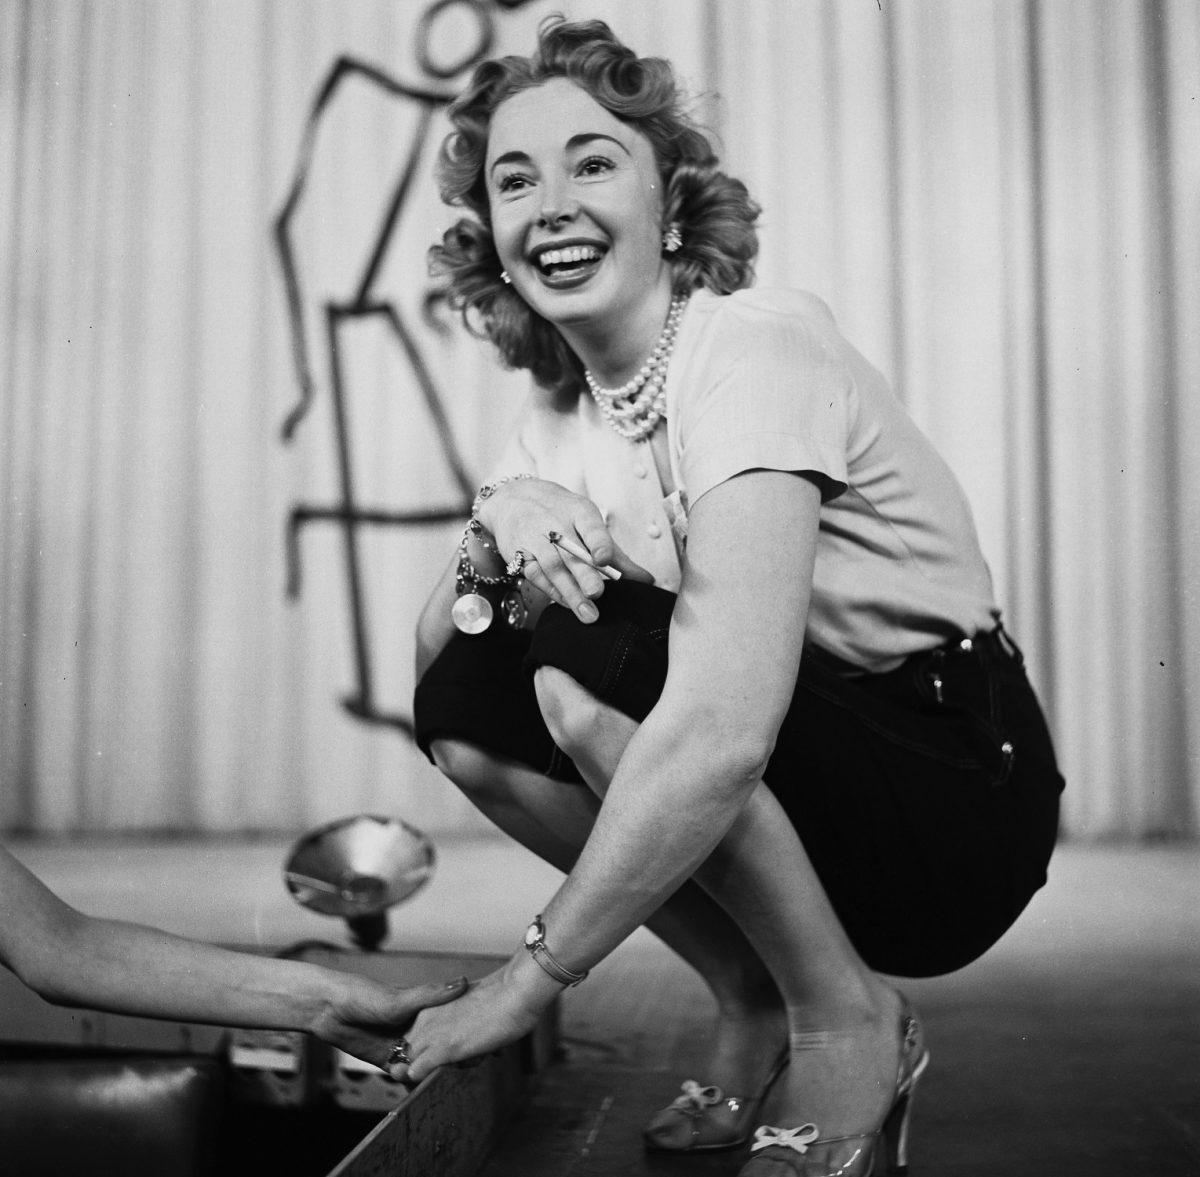 Audrey Meadows apparaît dans 'The Jackie Gleason Show' dans les années 1950